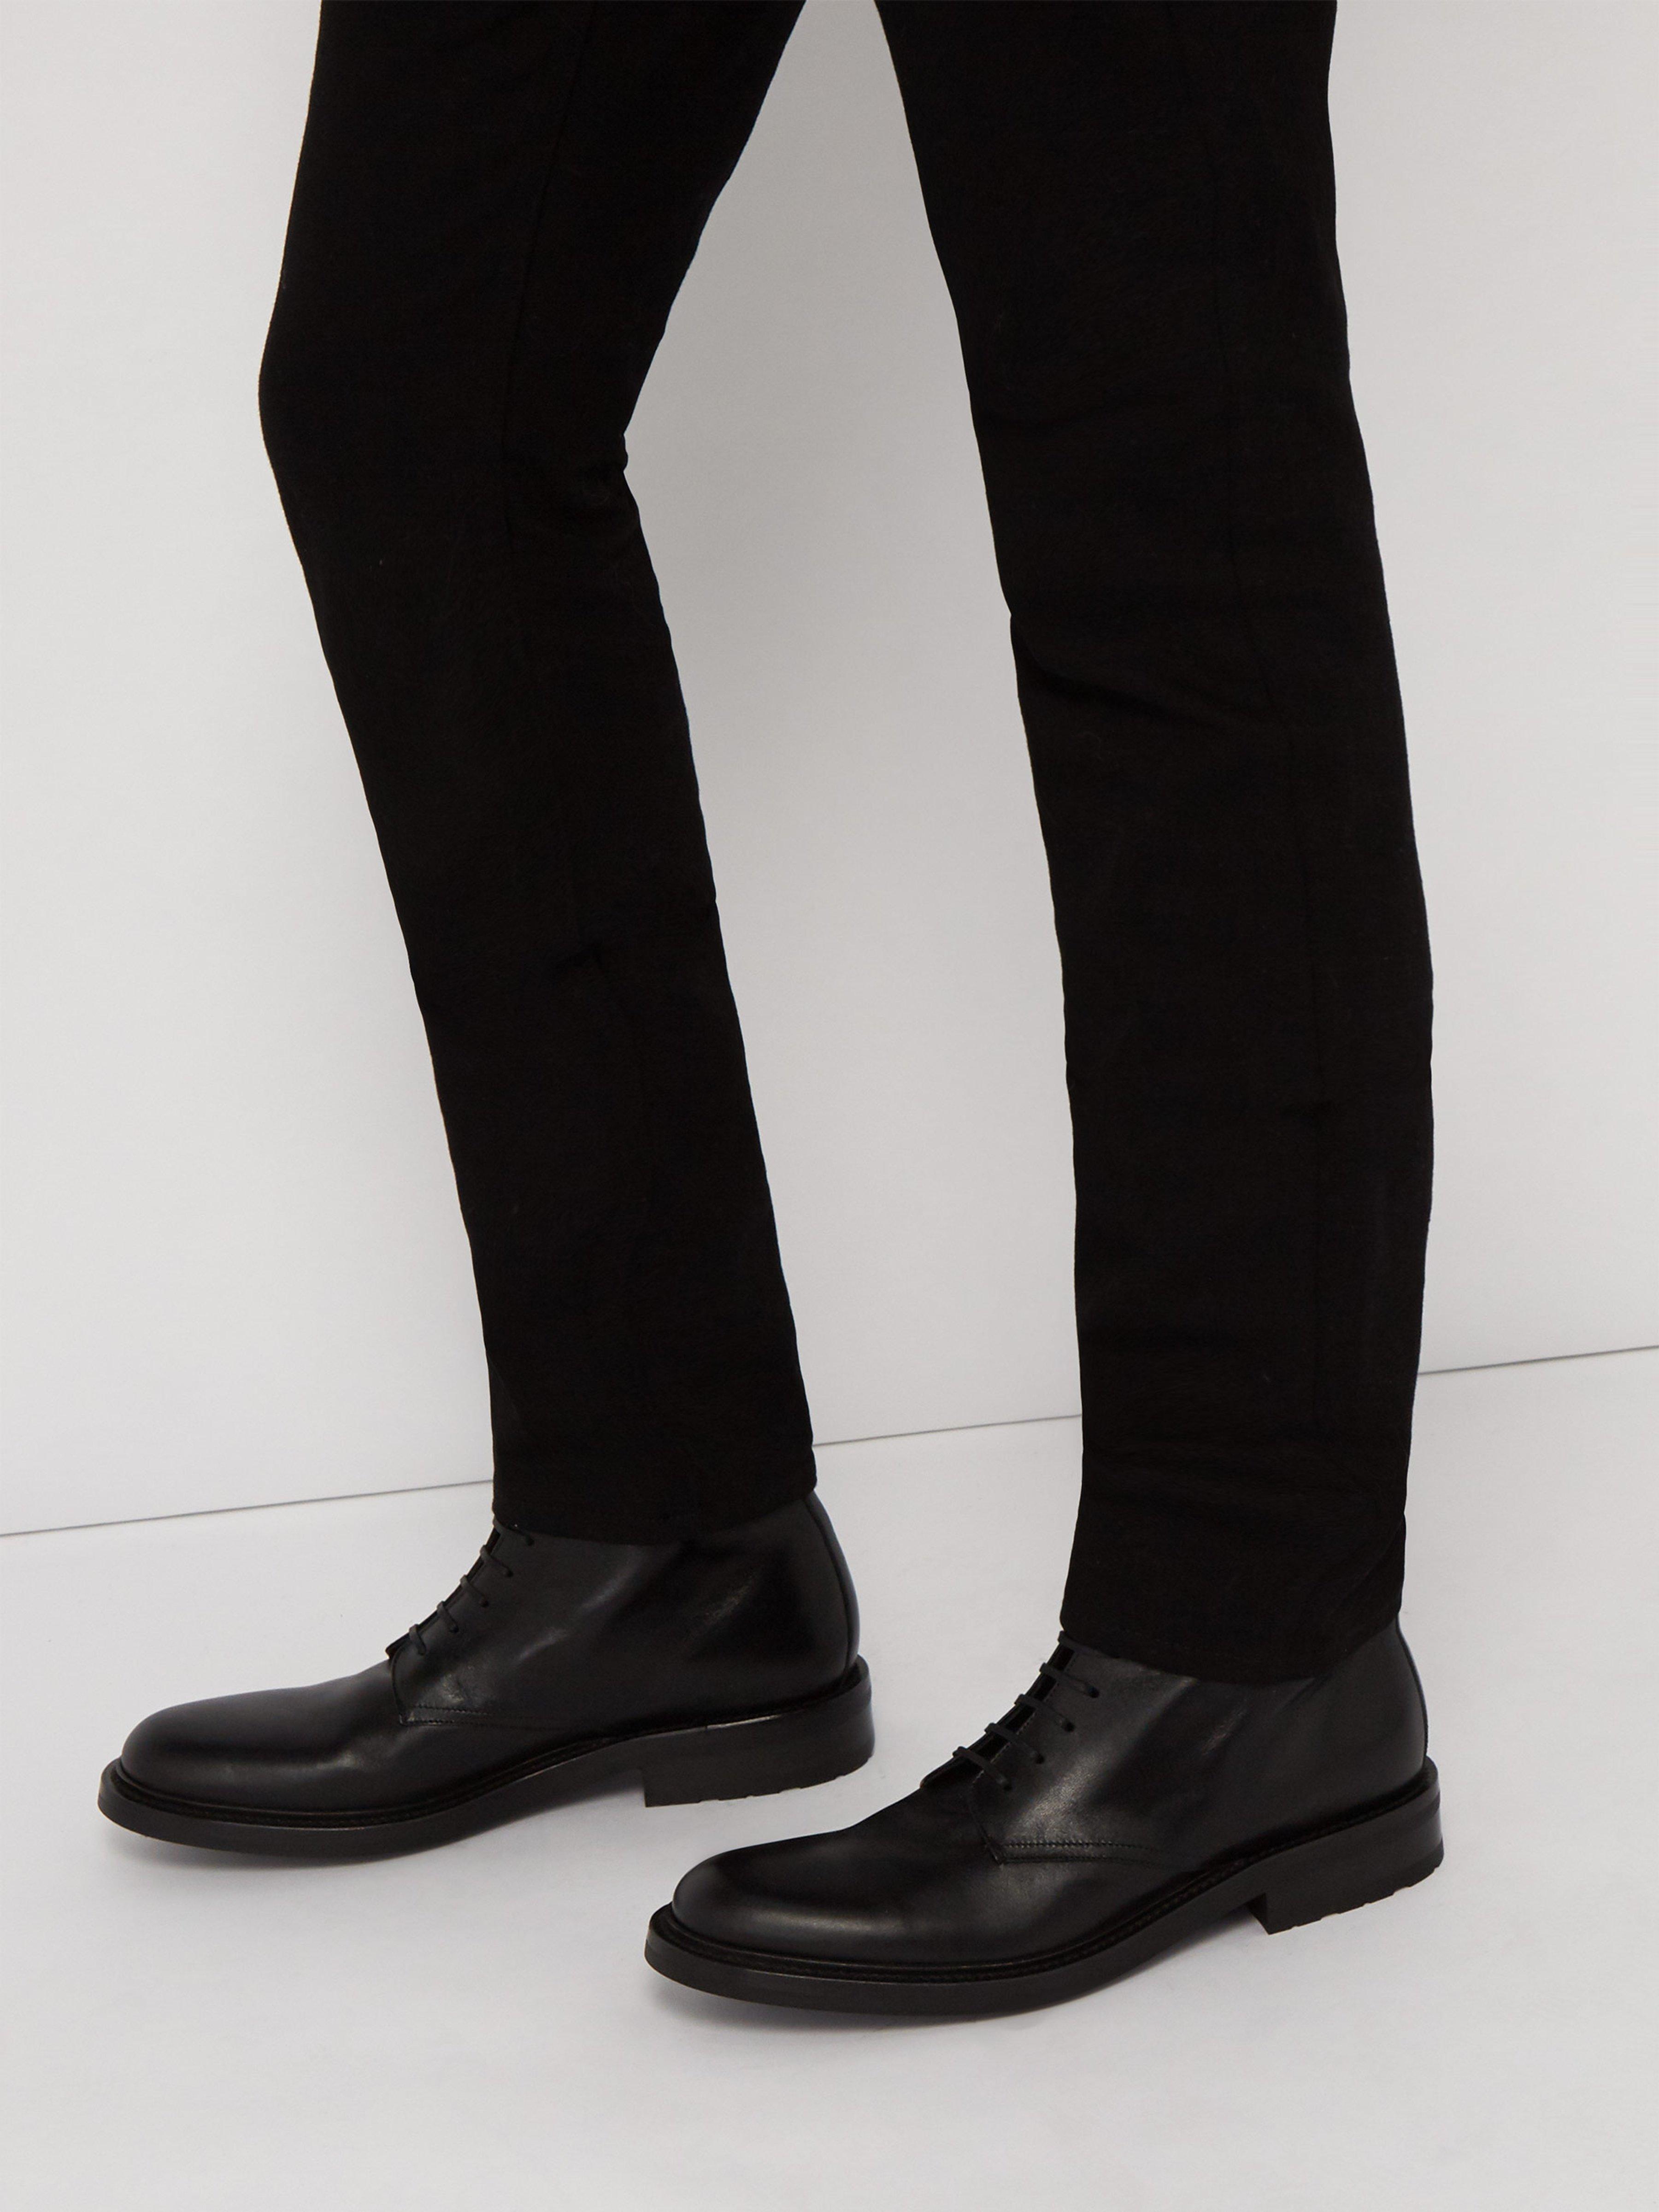 5dc1198c685 ... Saint Laurent Black Army Lace Up Leather Boots for men. Visit  MATCHESFASHION.COM. Tap to visit site